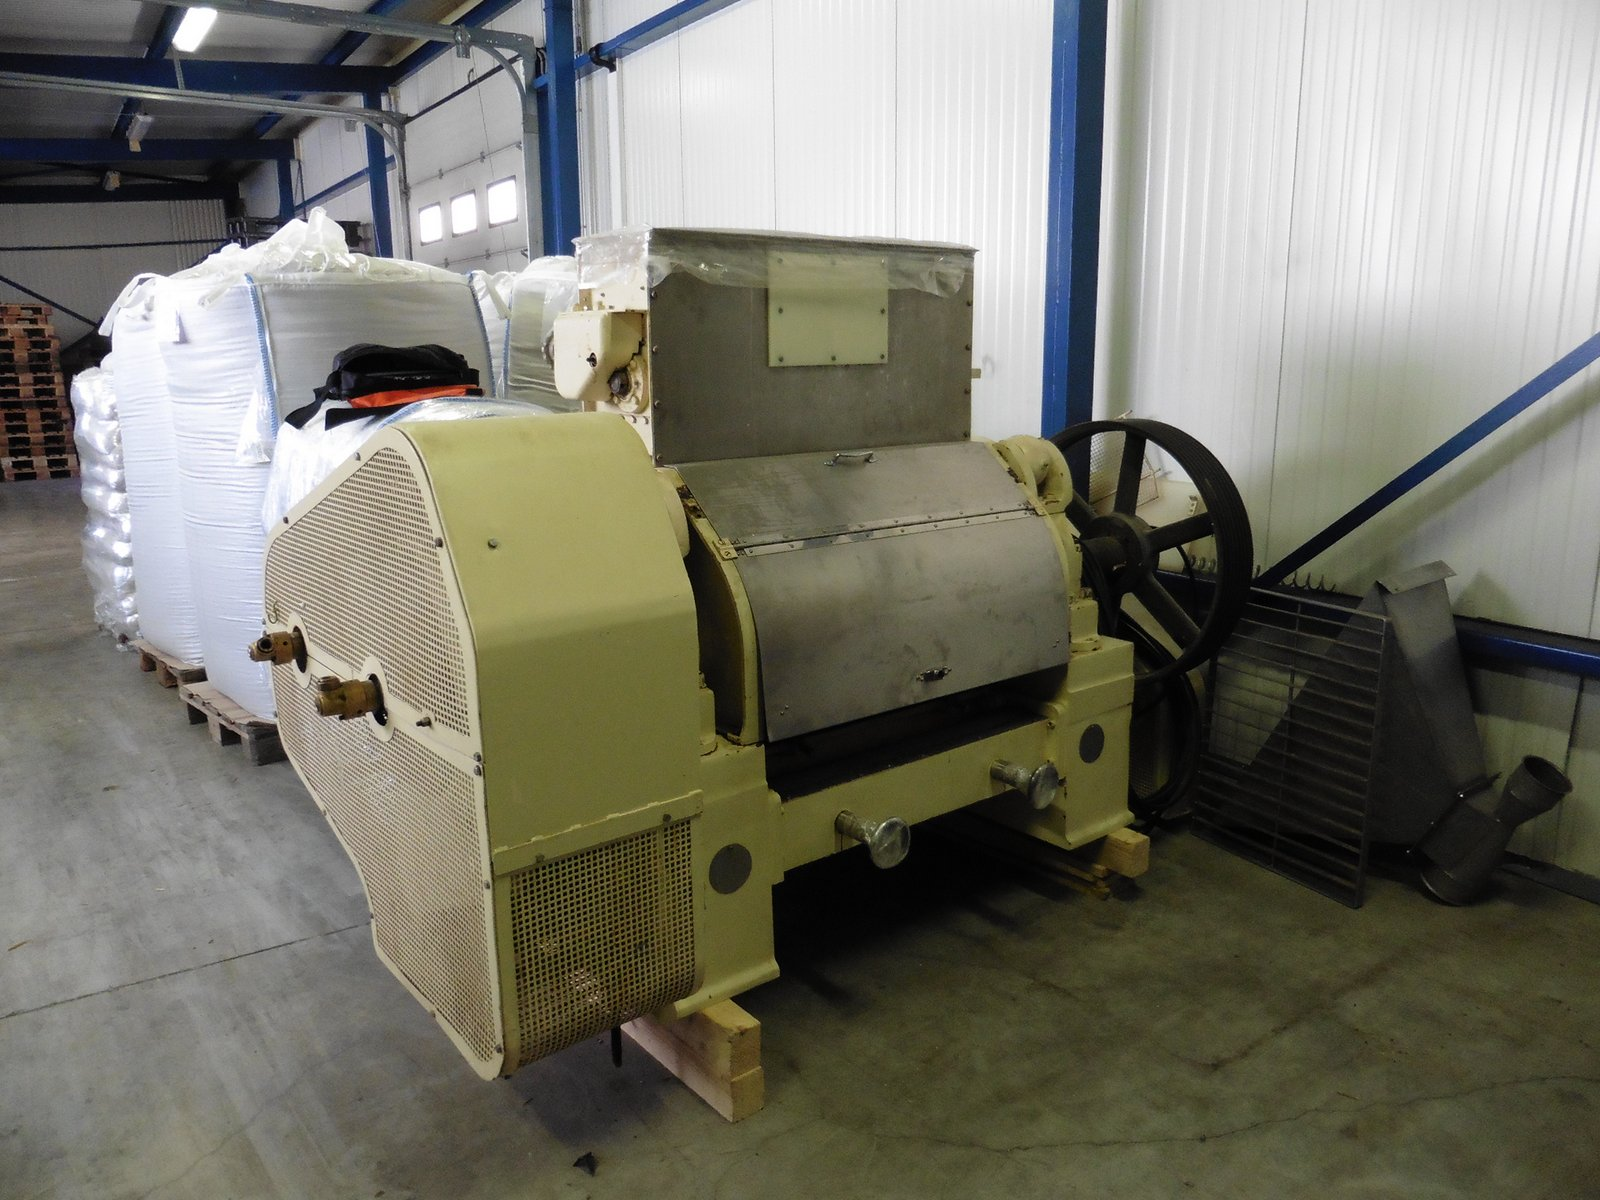 915 mm délka x 460 mm průměr válců, E. R. & F Turner model 460 dvouválcový mlýn